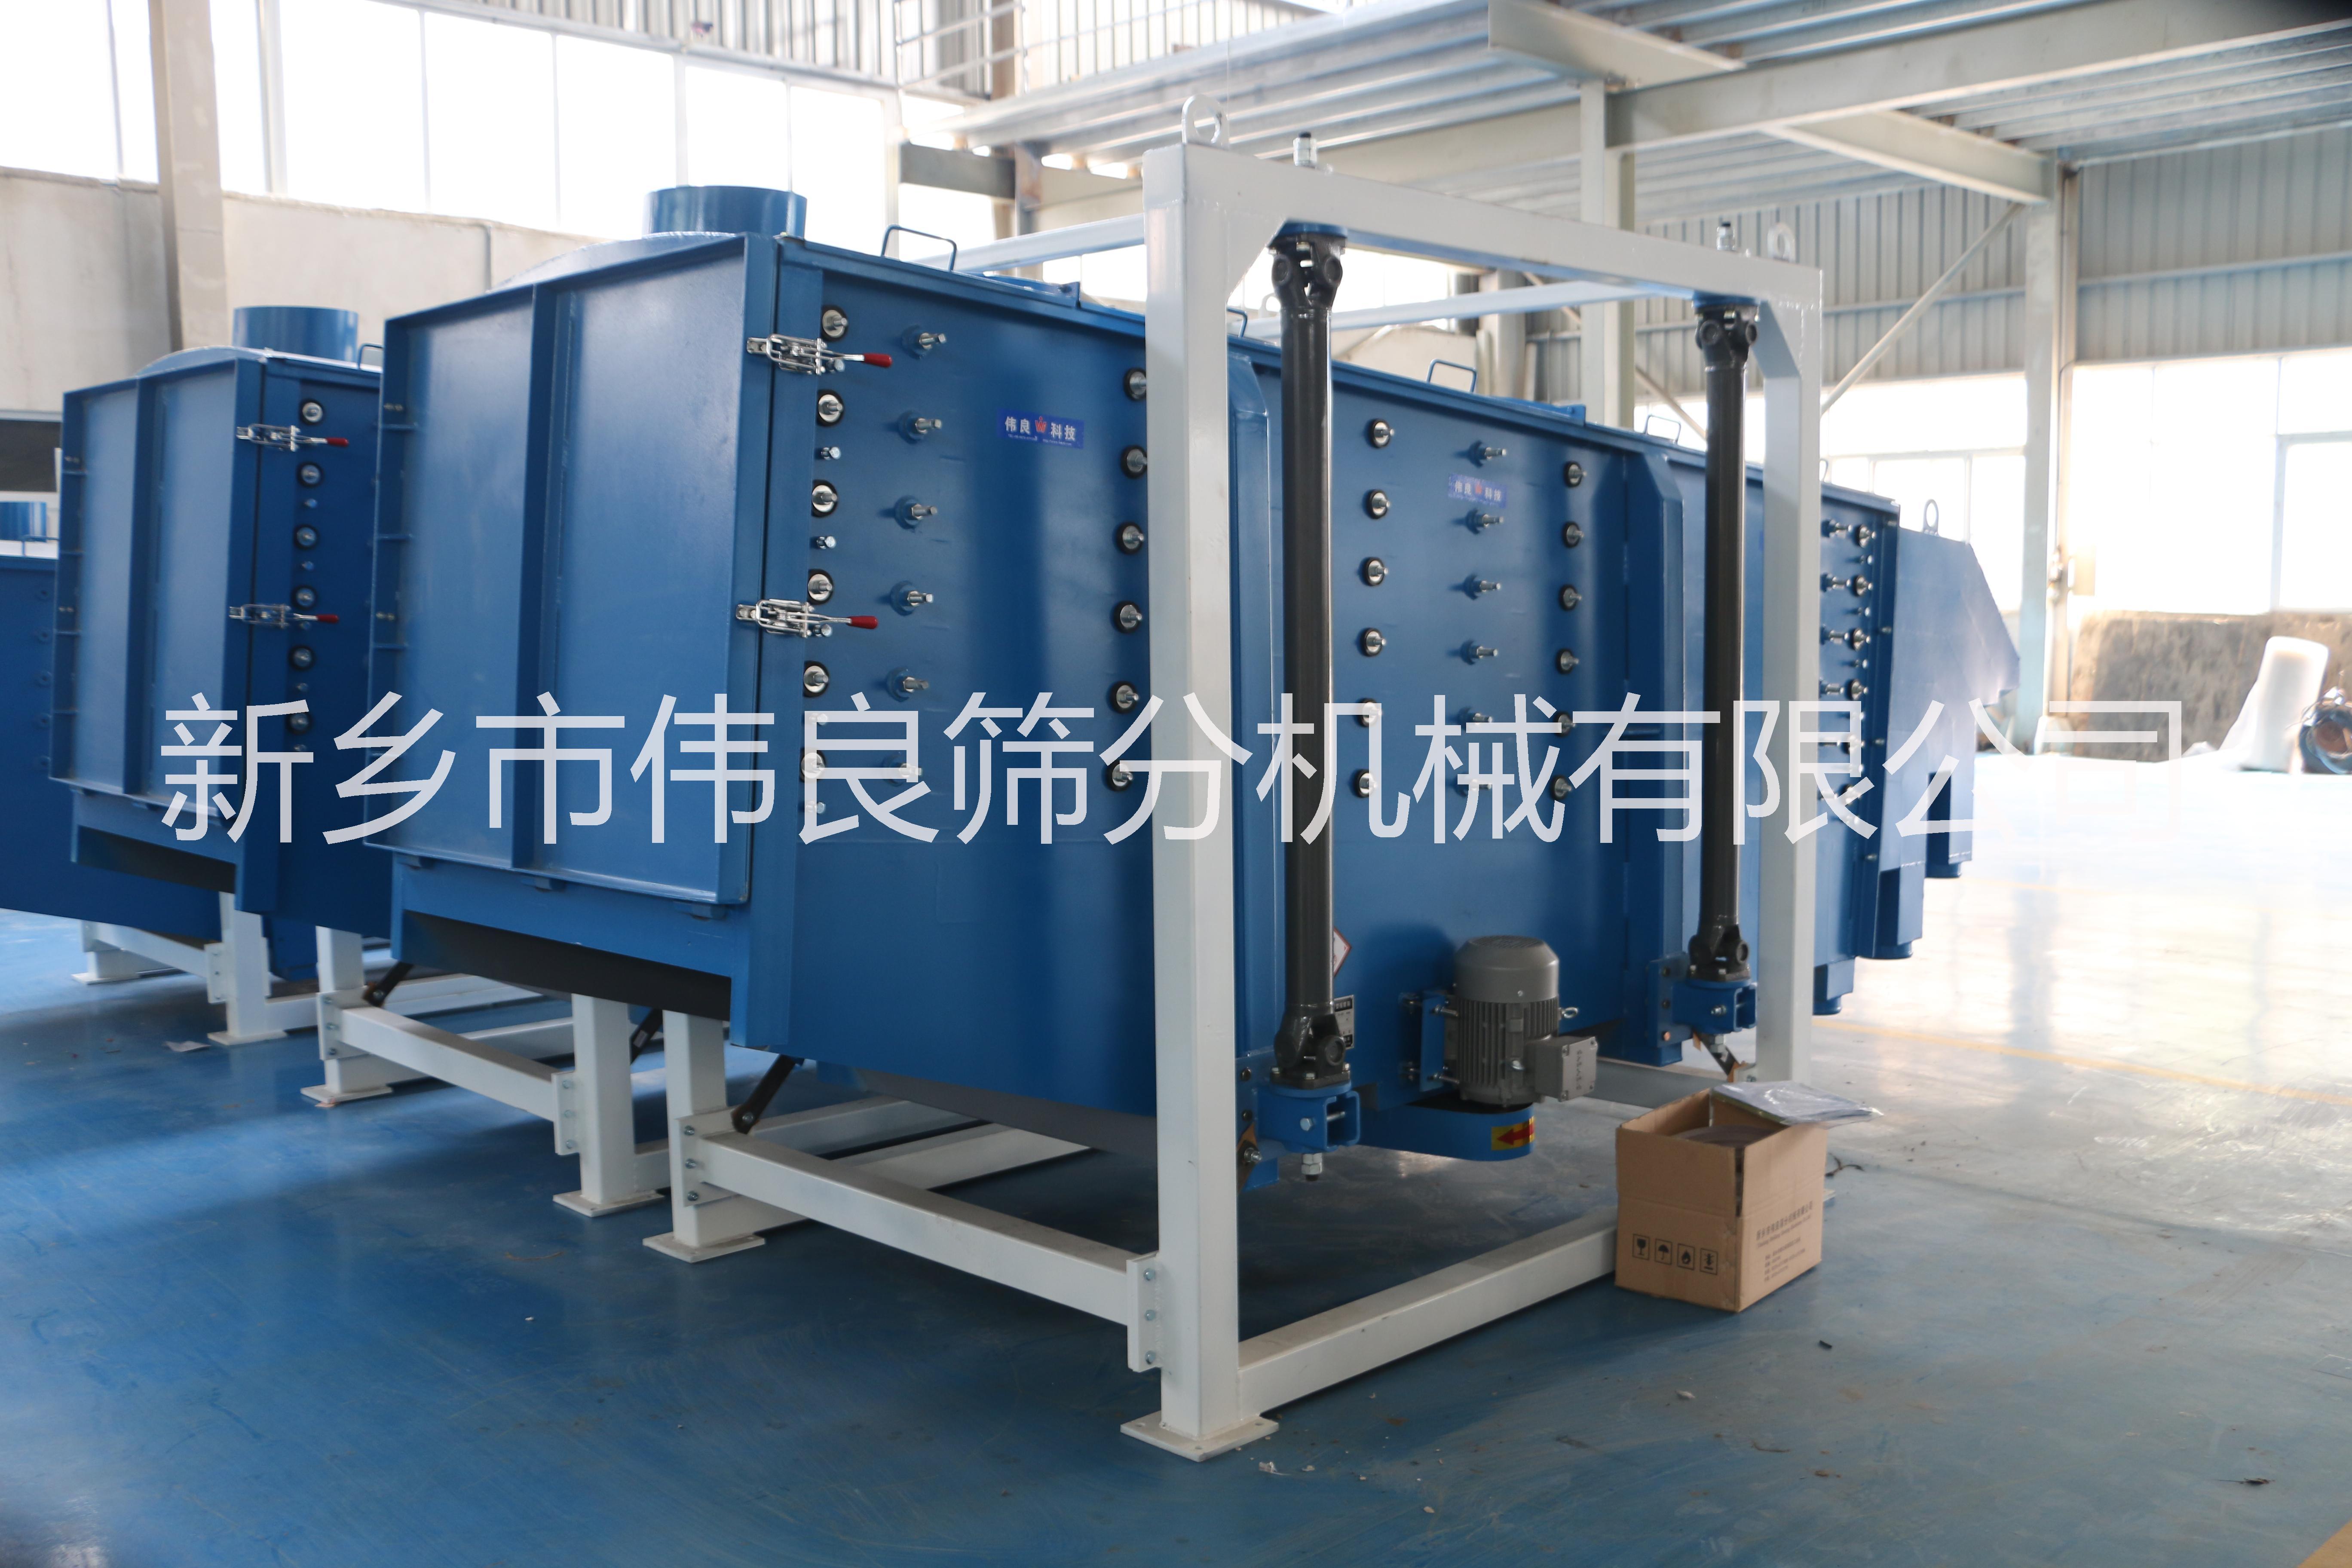 供应硅粉筛,硅粉筛加工,硅粉筛厂家,硅粉筛批发